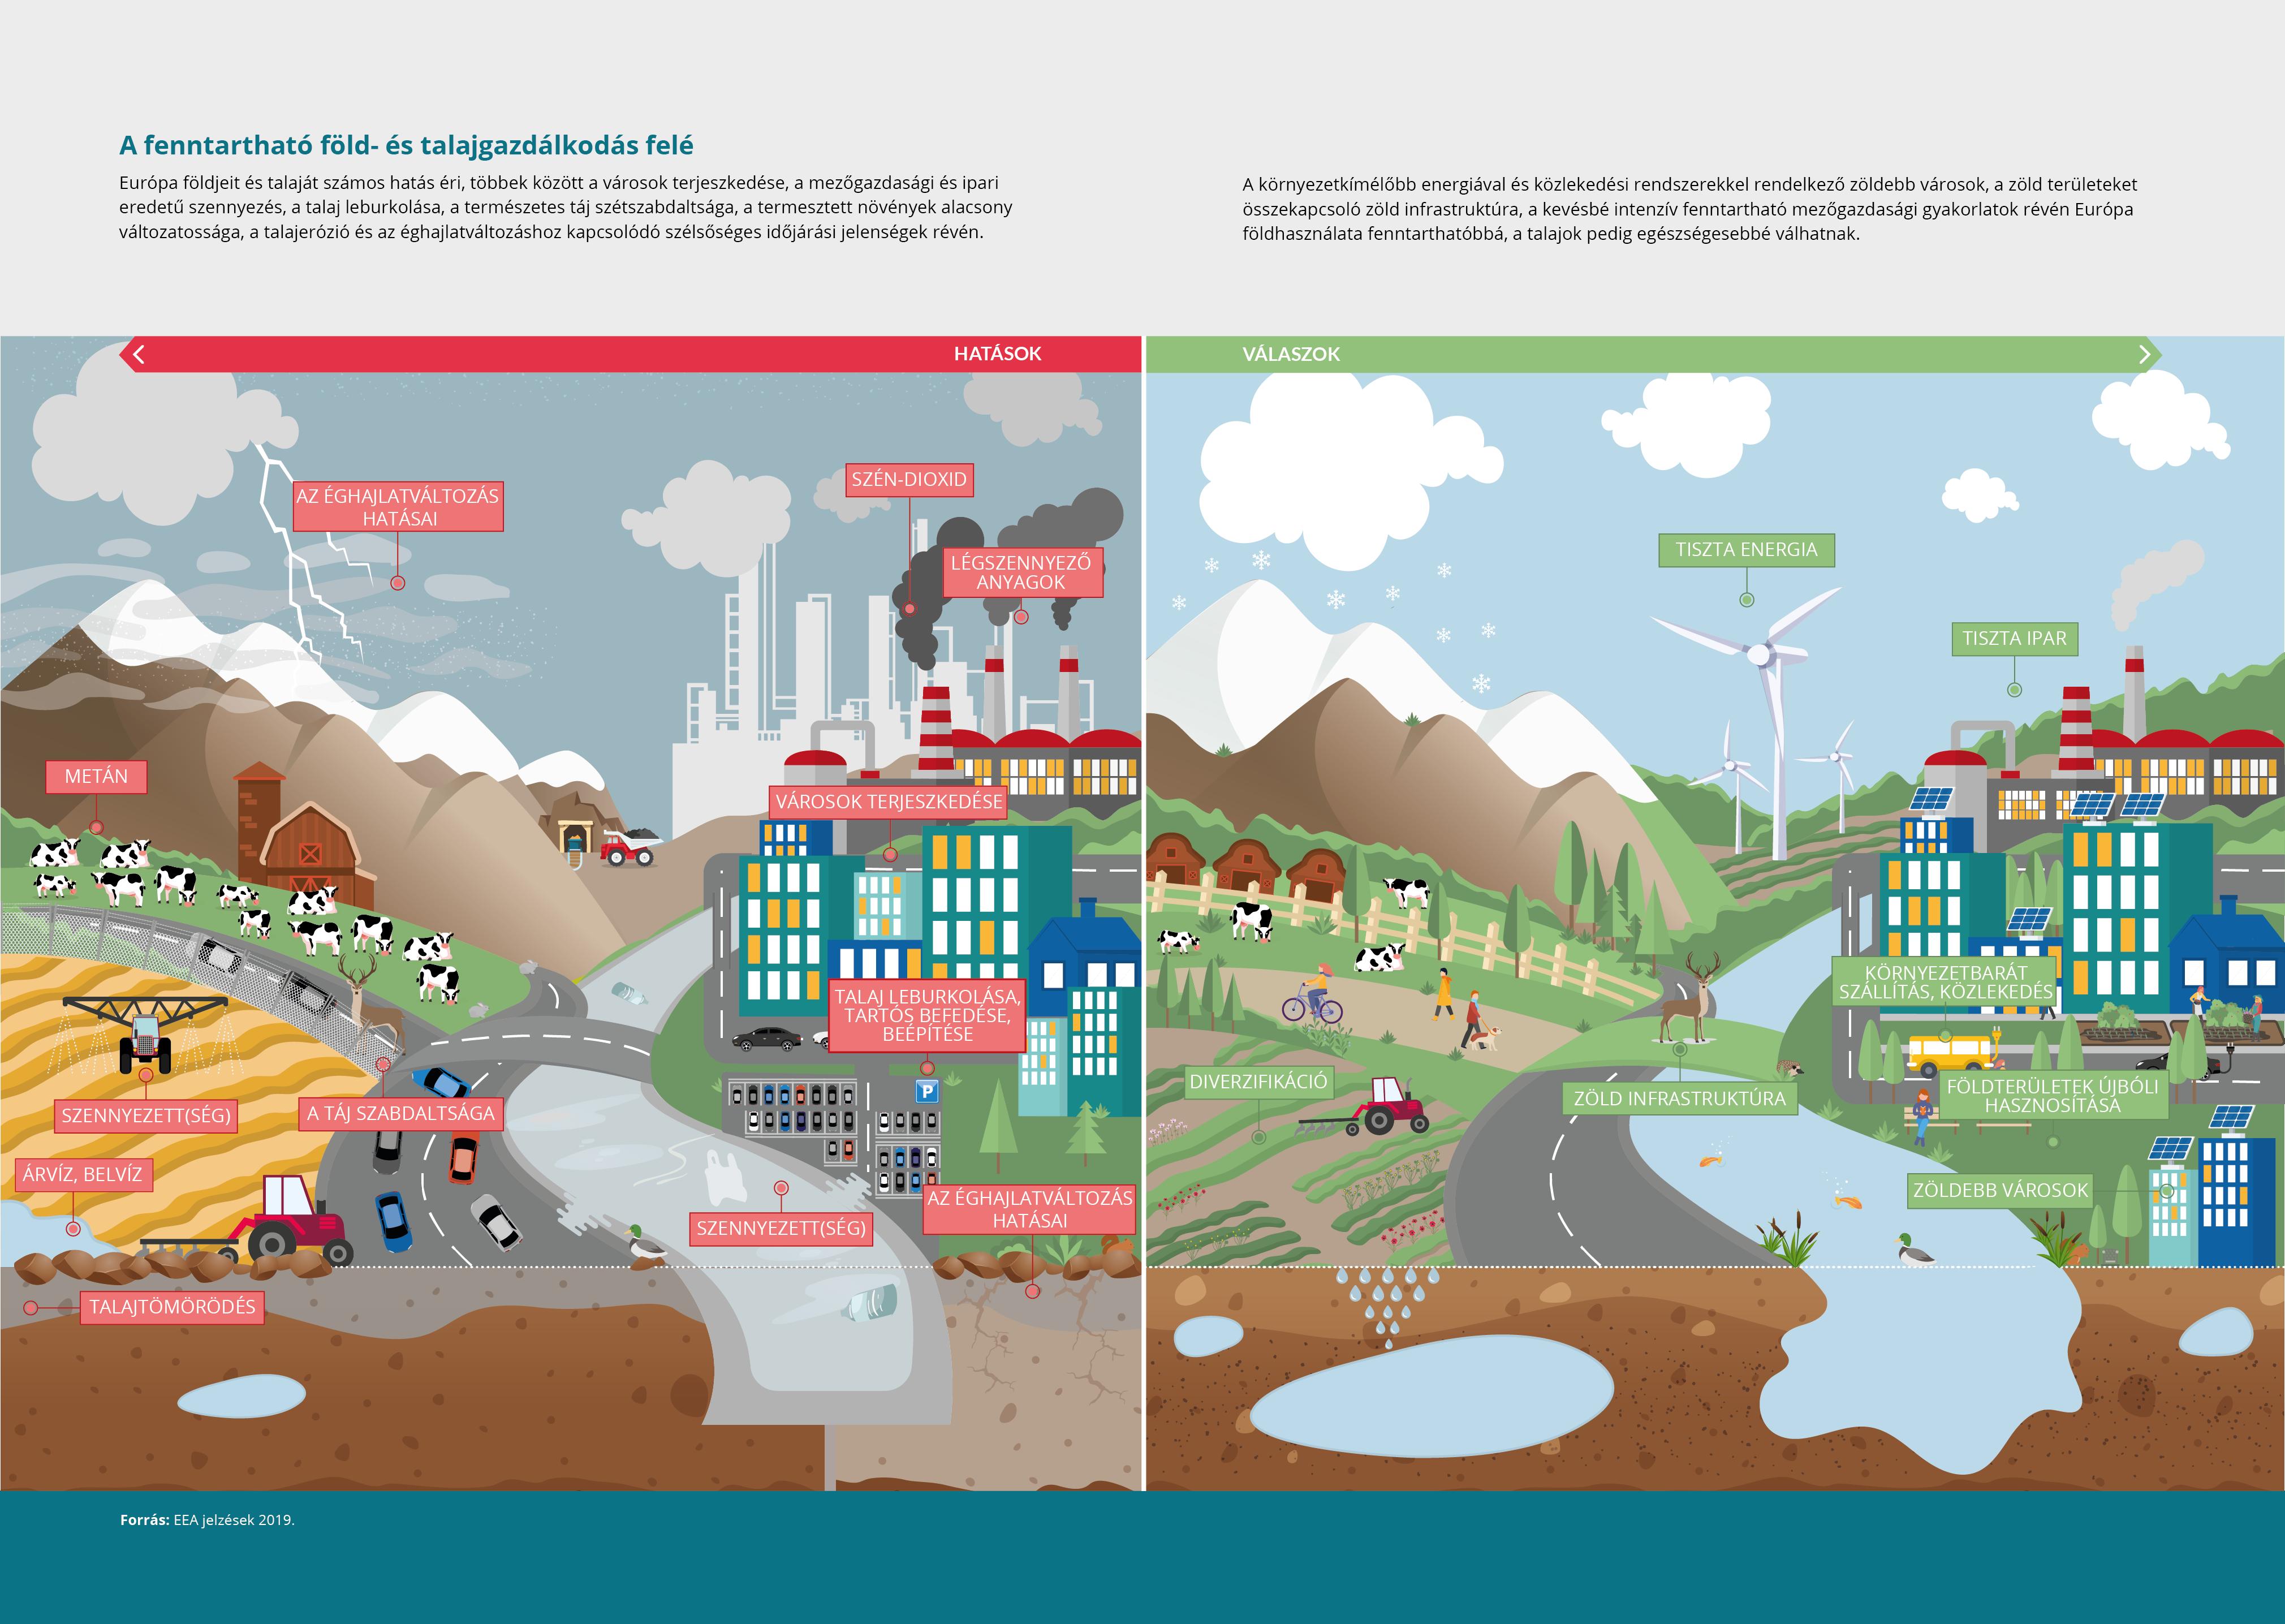 A fenntartható föld- és talajgazdálkodás felé